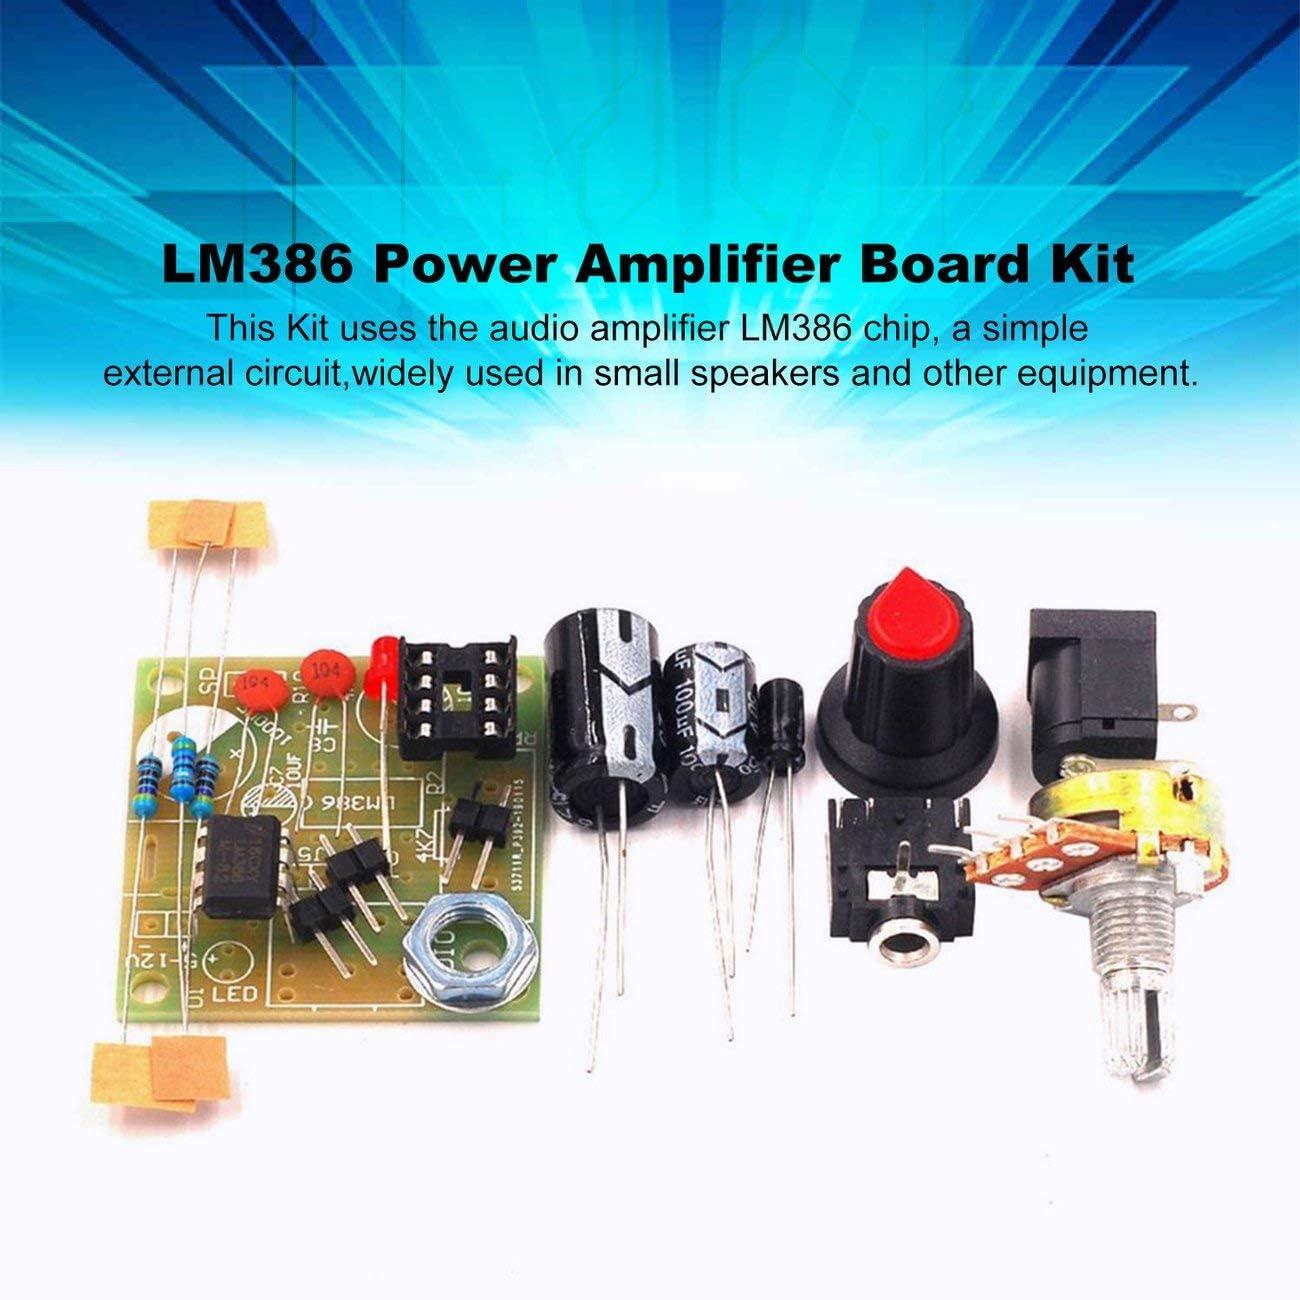 Azul y Azul fengzong LM386 Super Mini 3V-12V Kit de Traje de Amplificador de Potencia Kit de Bricolaje electr/ónico M/ódulo de amplificaci/ón de Audio Bajo Consumo